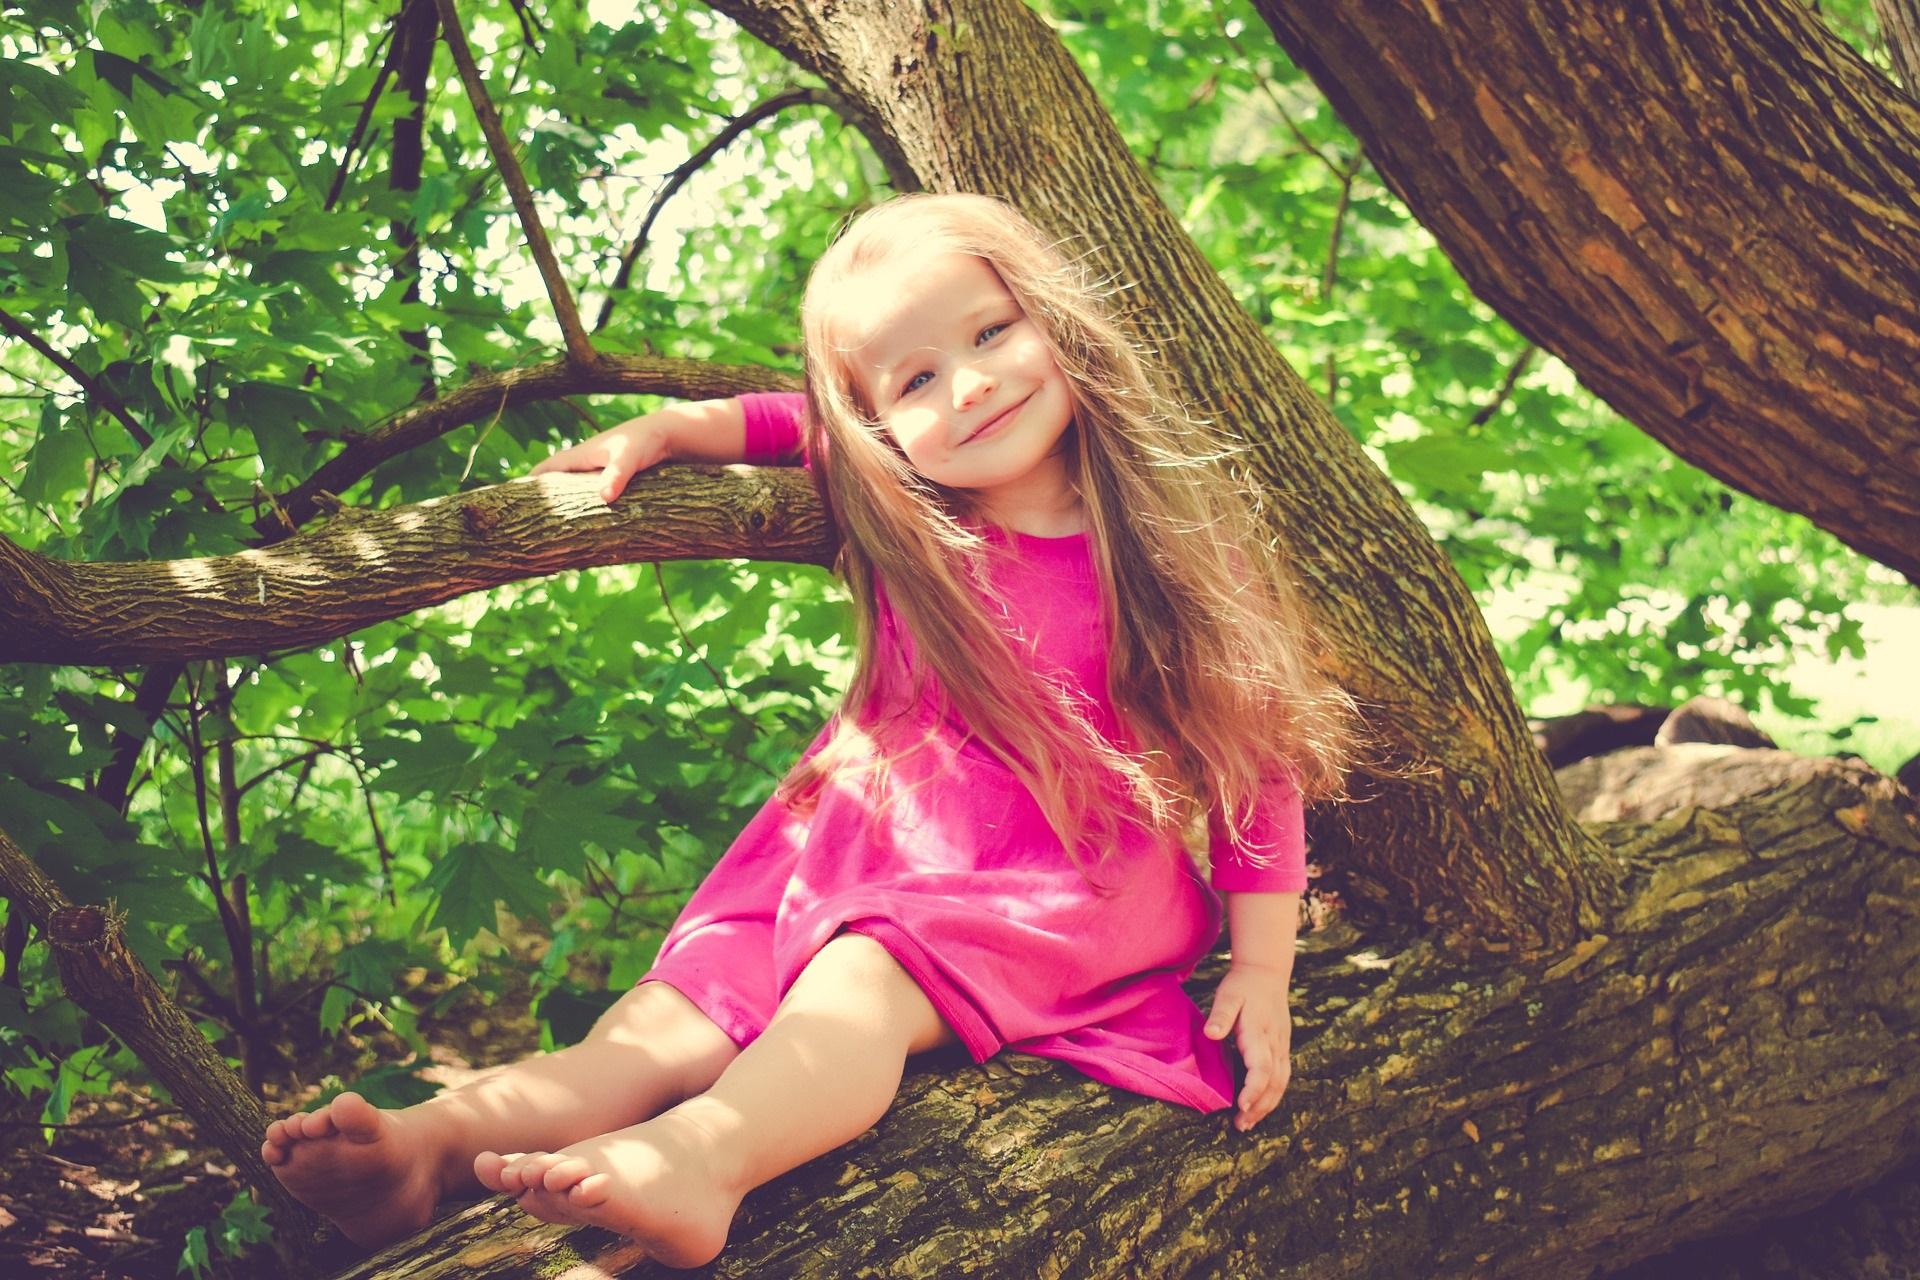 dziecko dziewczynka child girl